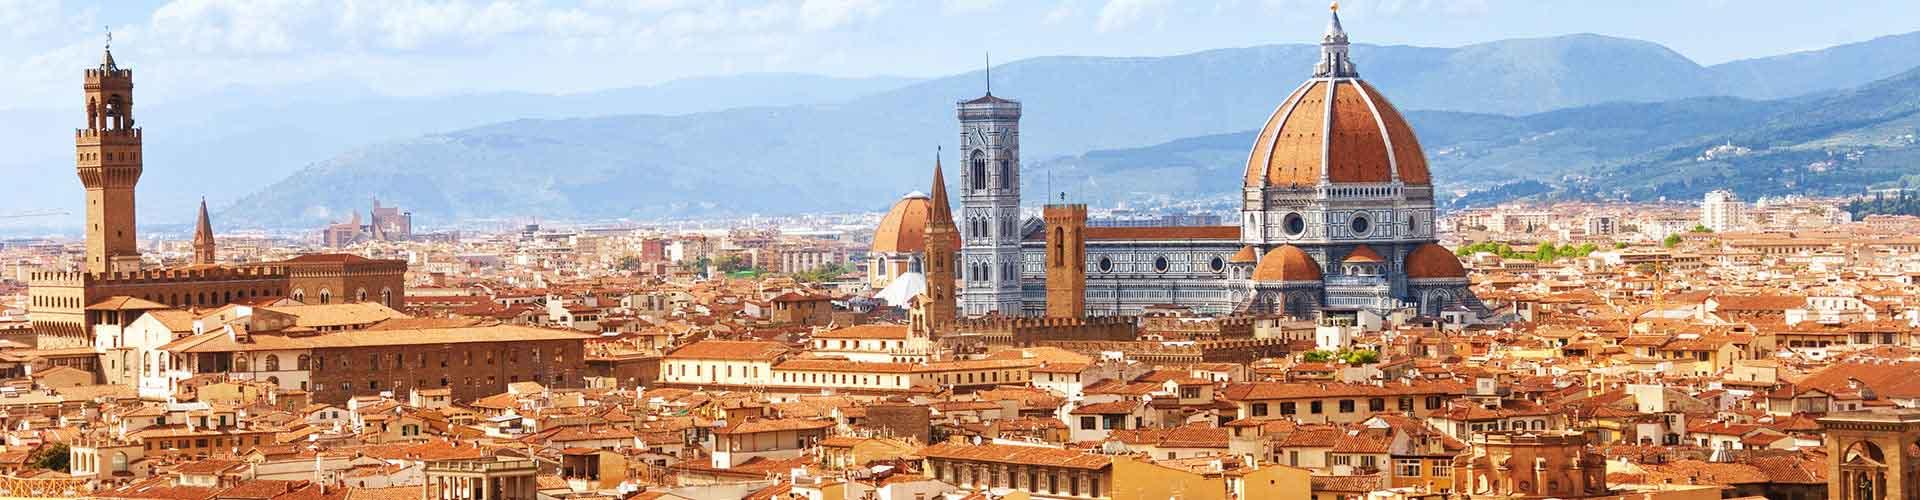 Firenze – Hostellit kohteessa Firenze. Firenze -karttoja, valokuvia ja arvosteluja kaikista Firenze -hostelleista.